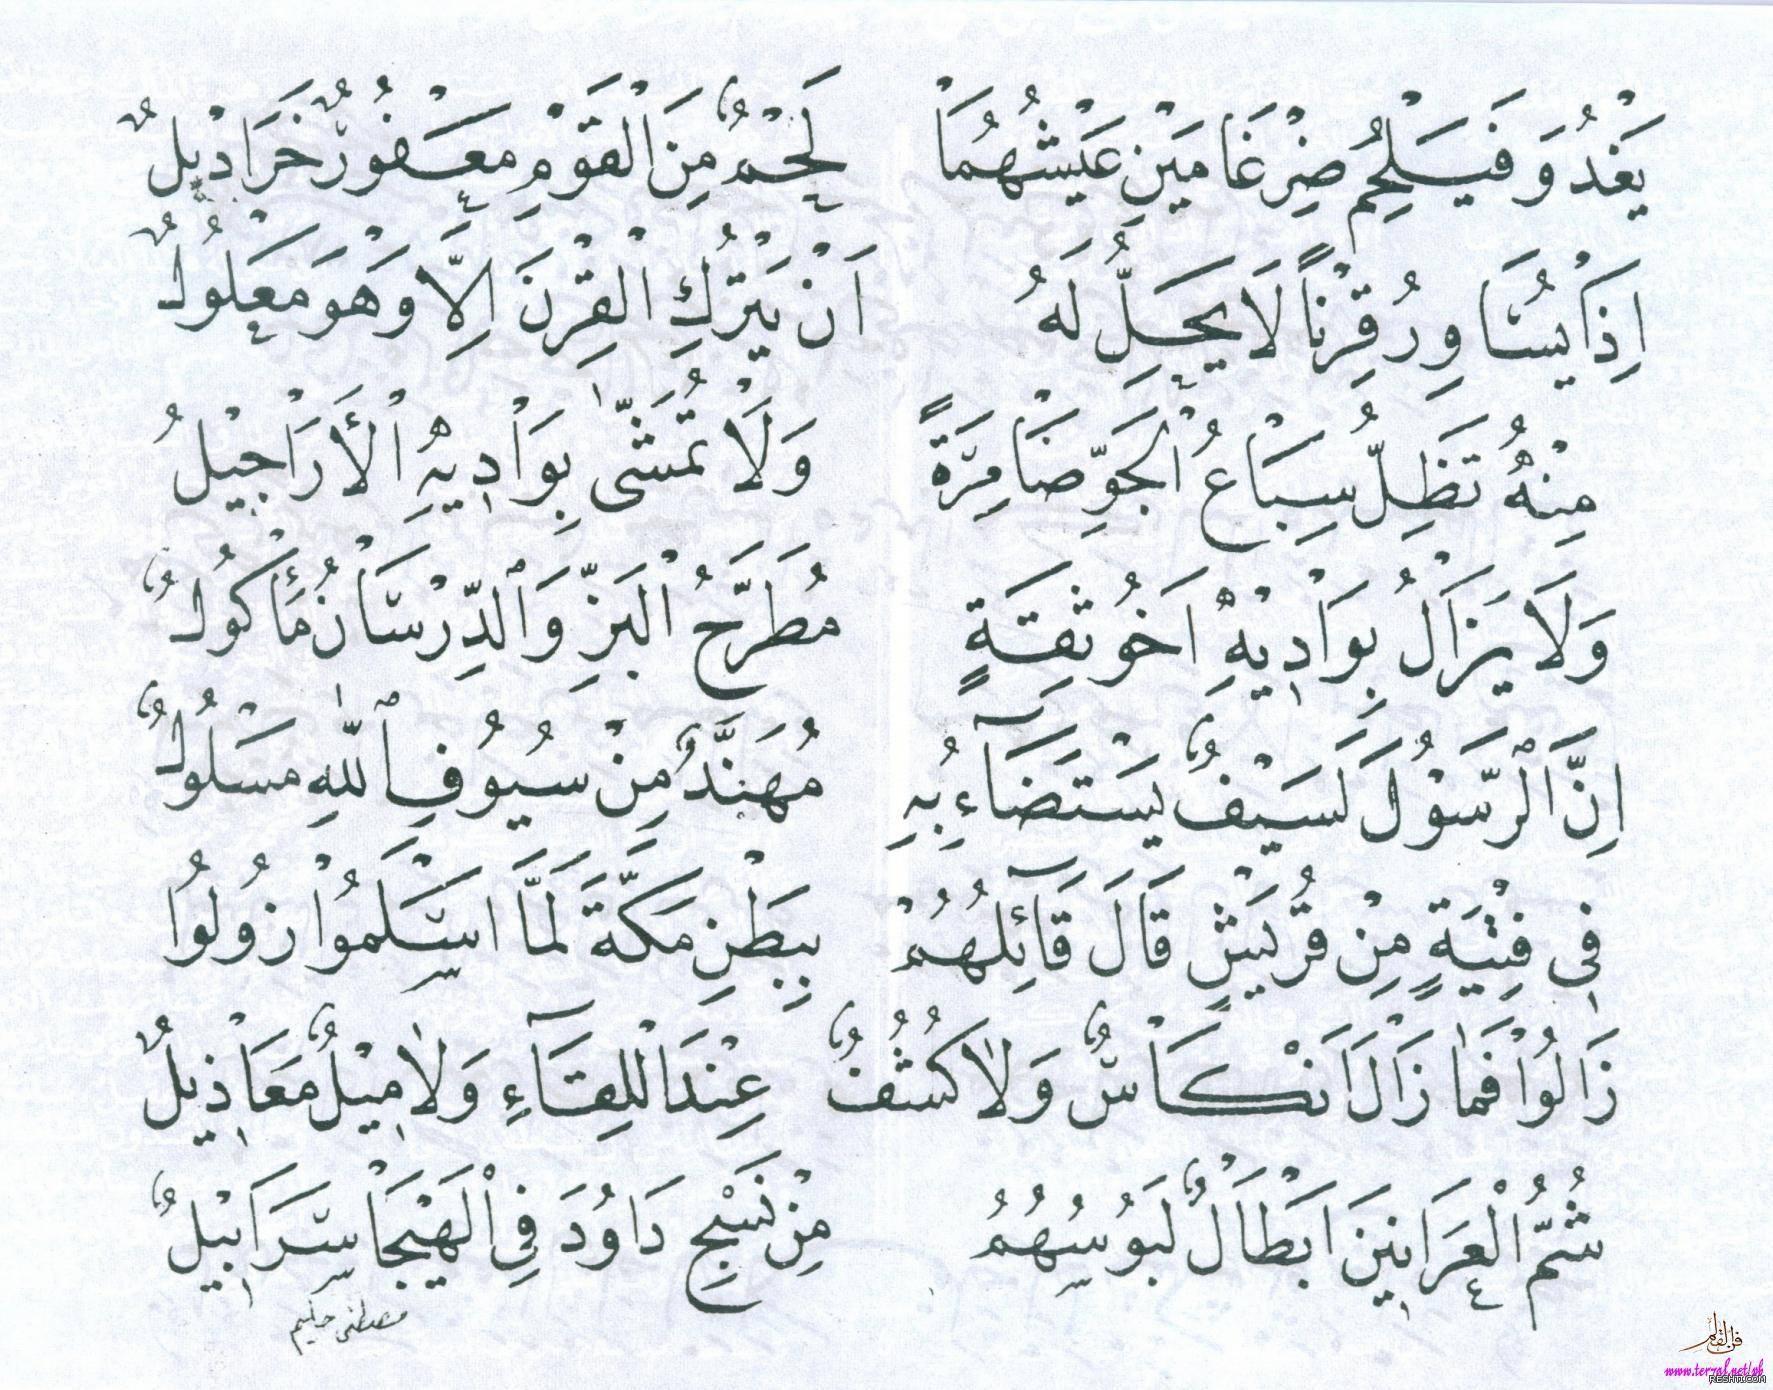 قصيدة بانت سعاد لكعب بن زهير رضي الله عنه بخط مصطفى حليم 7